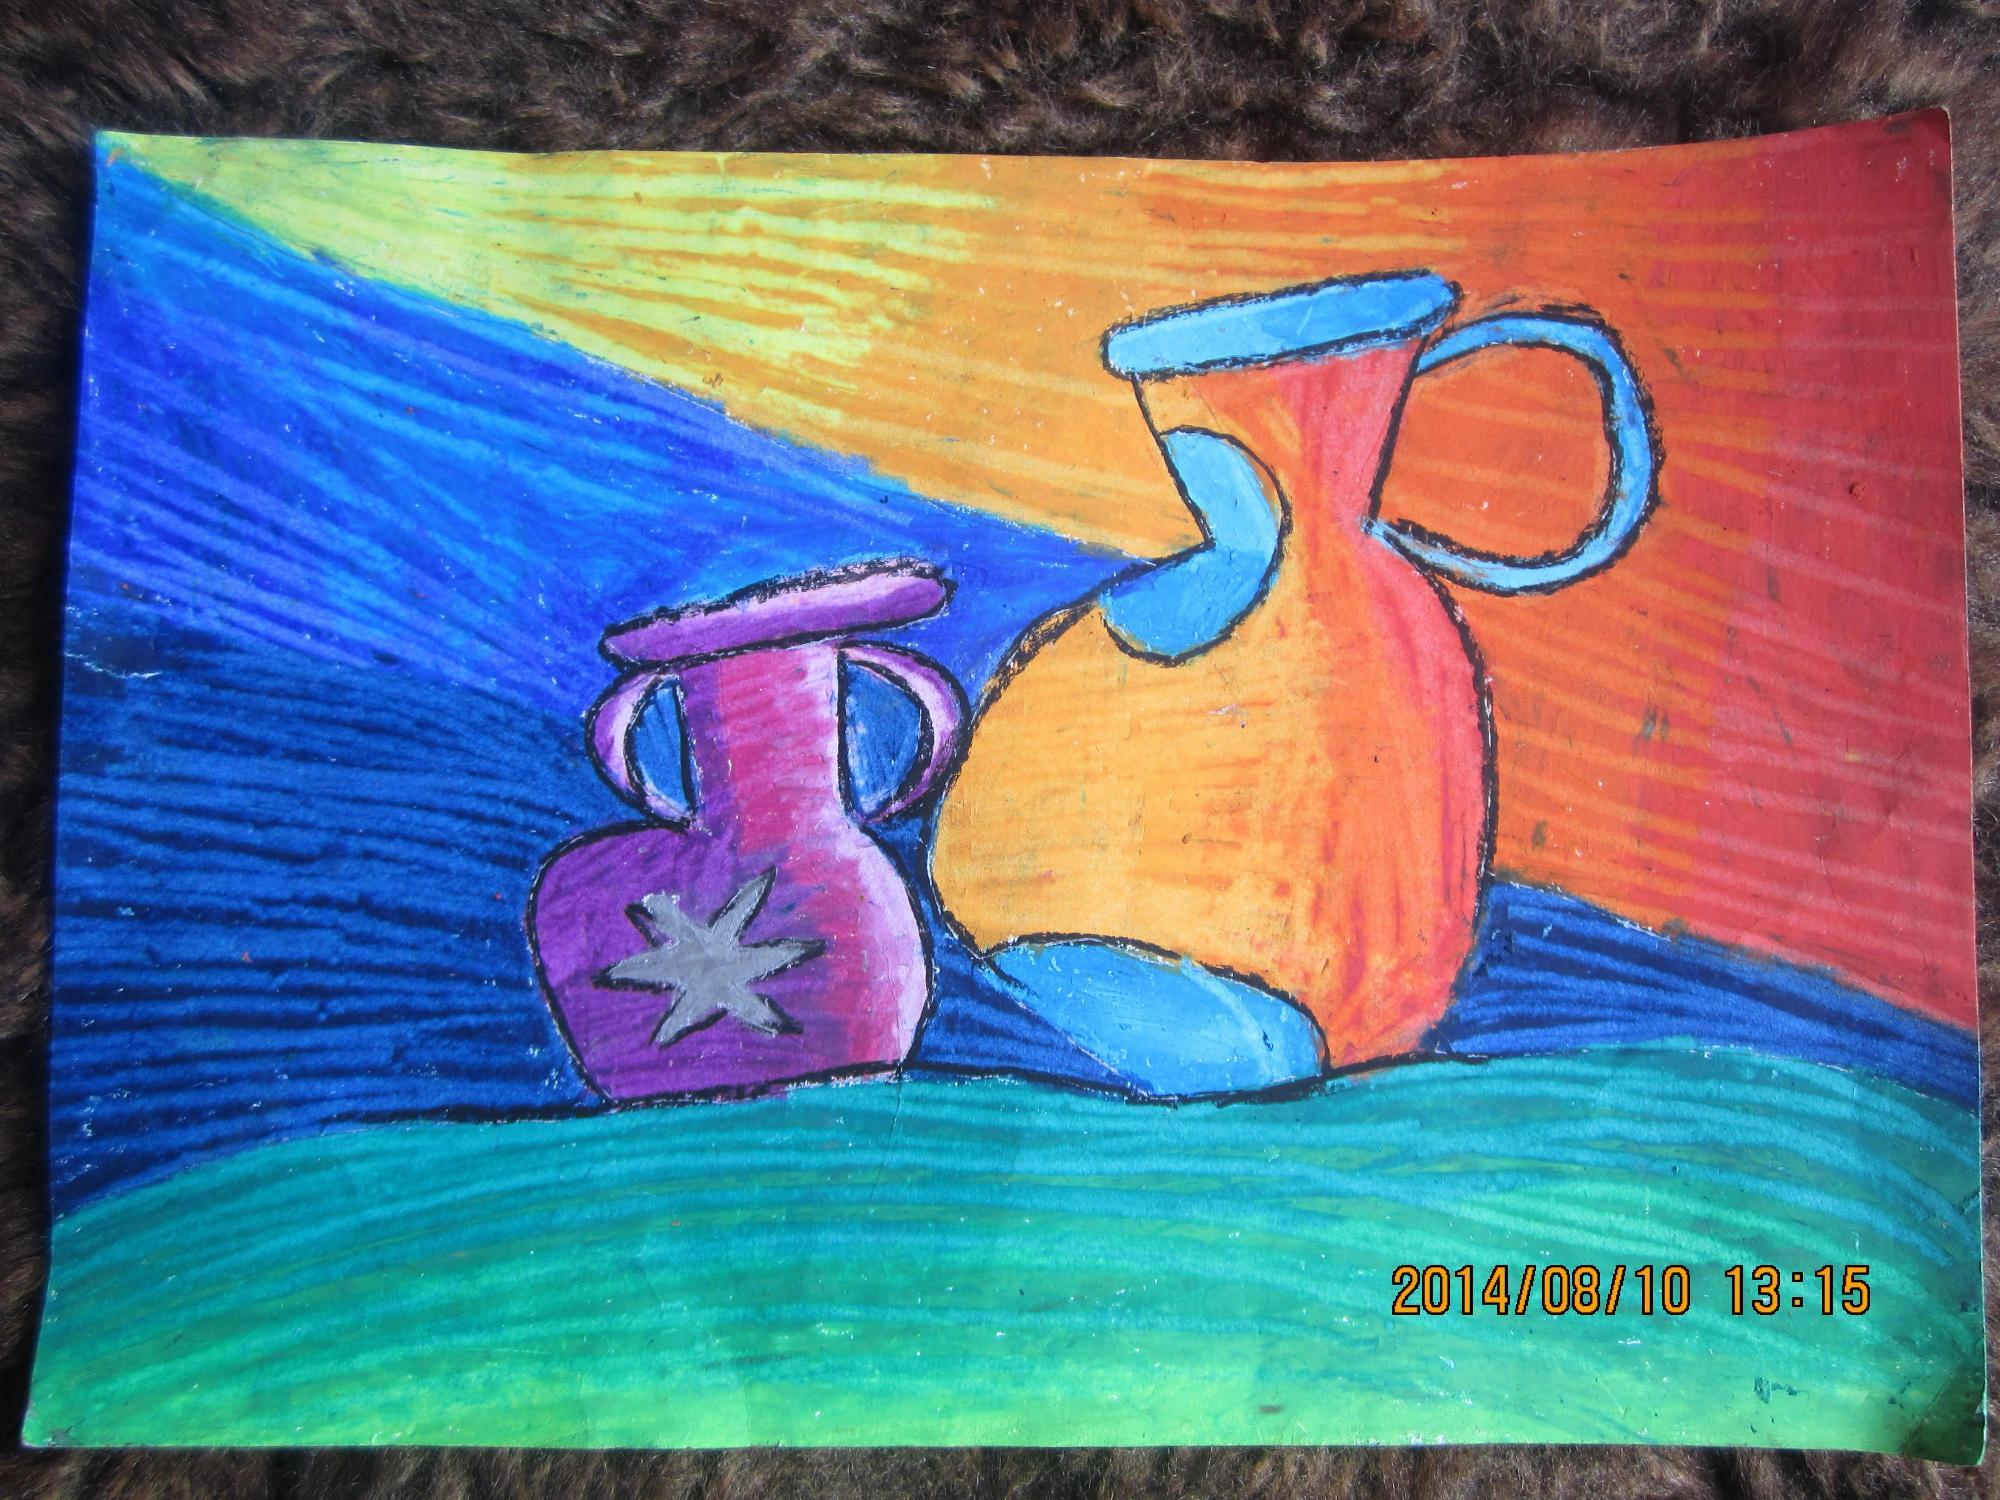 水壶-蜡笔画图集